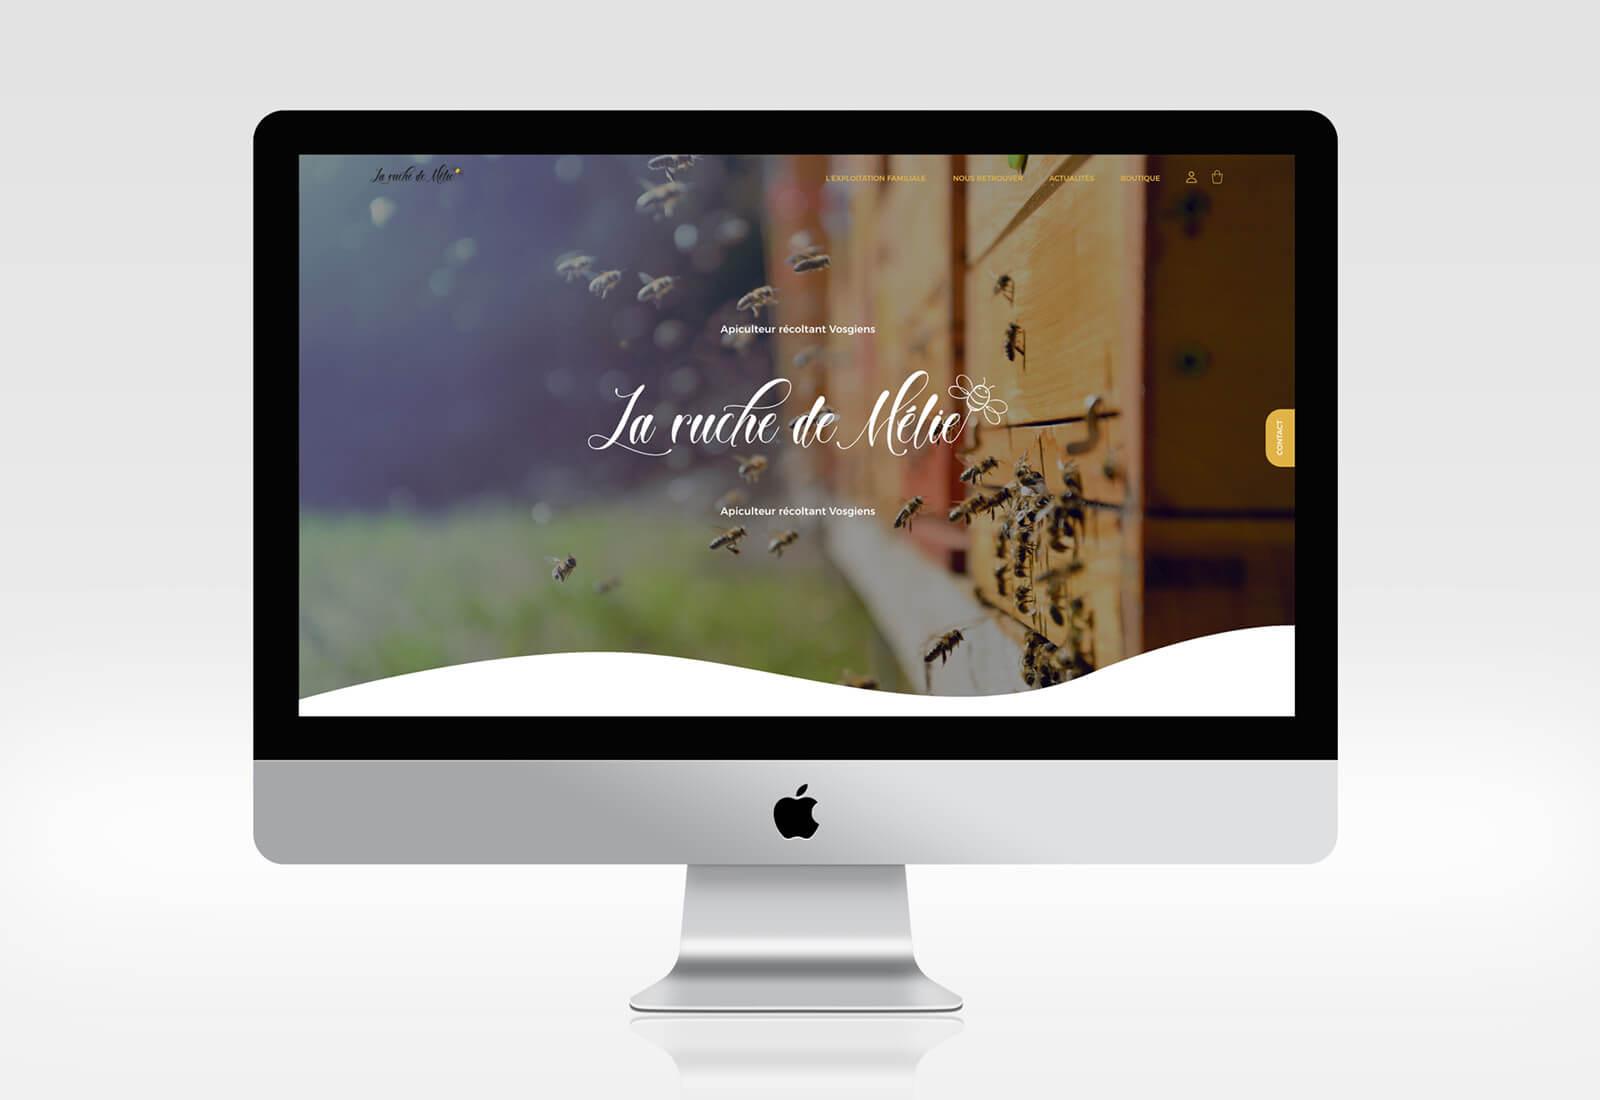 Josselin tourette – miel -ruche – melie – site-internet – 1